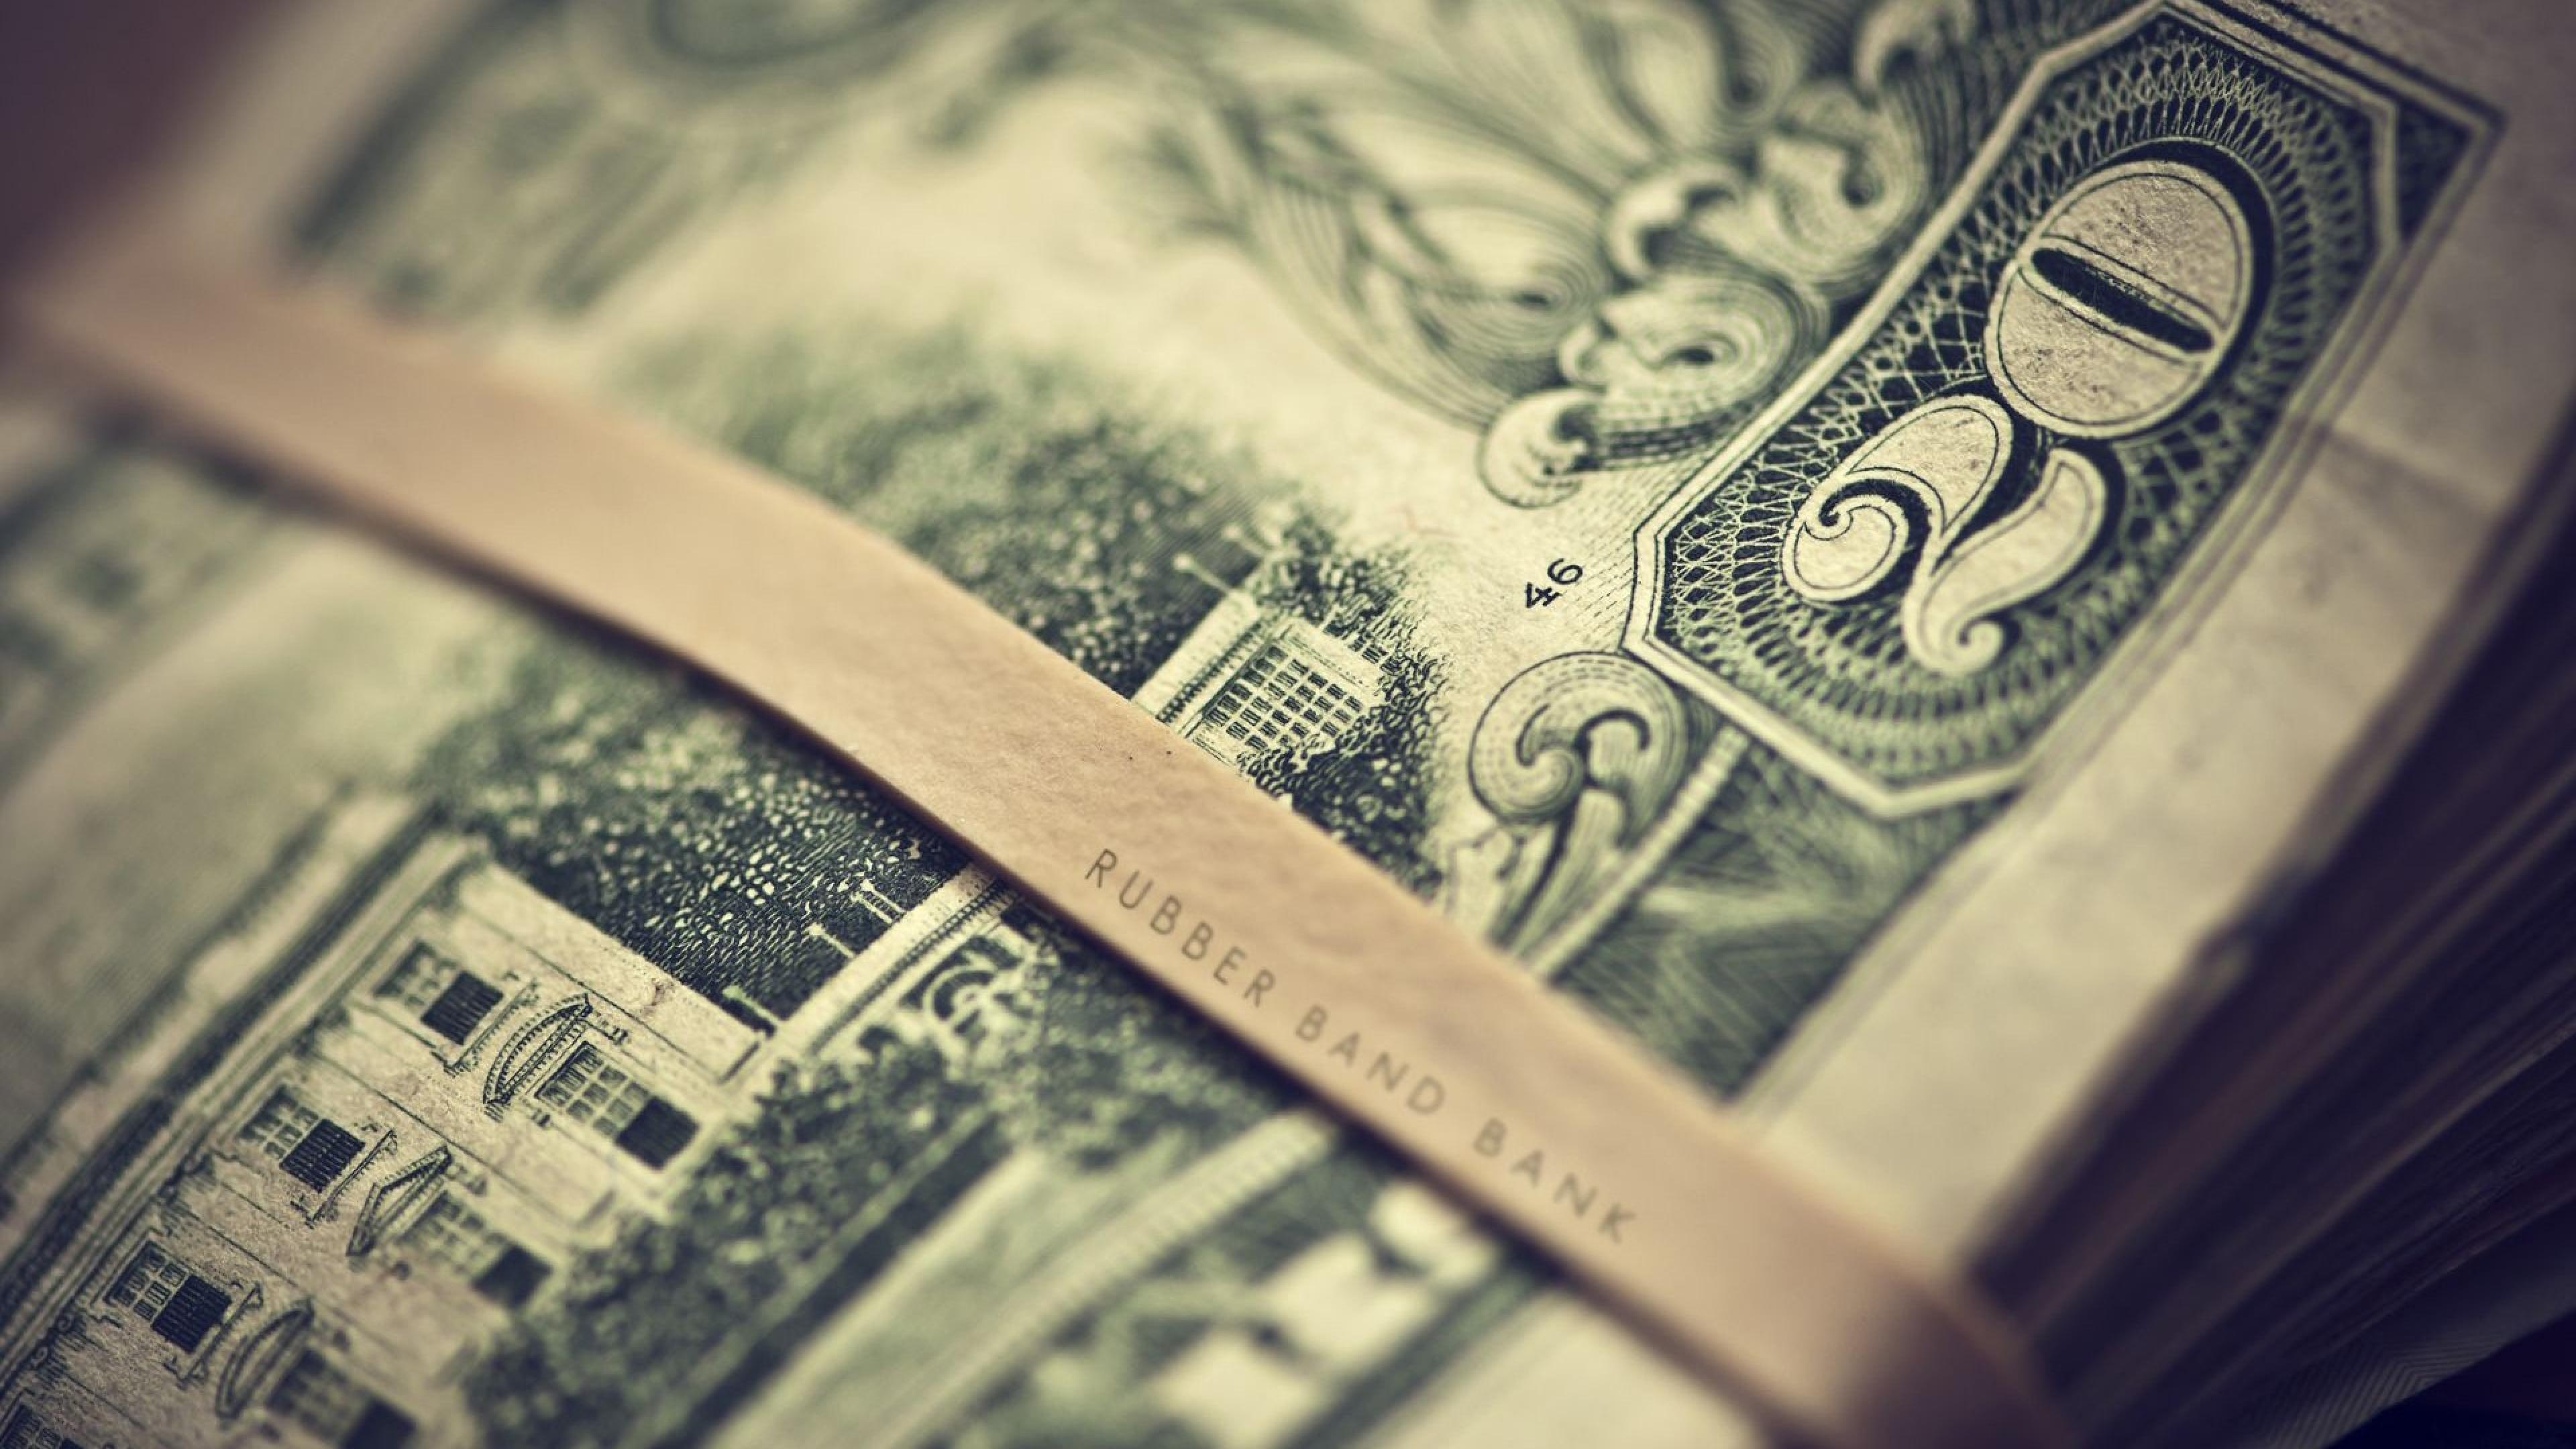 Curs valutar 25 ianuarie 2017. Banca Națională a Romîniei anunțat cotațiile valabile în ziua de miercuri pentru euro, dolar, franc elvețian.